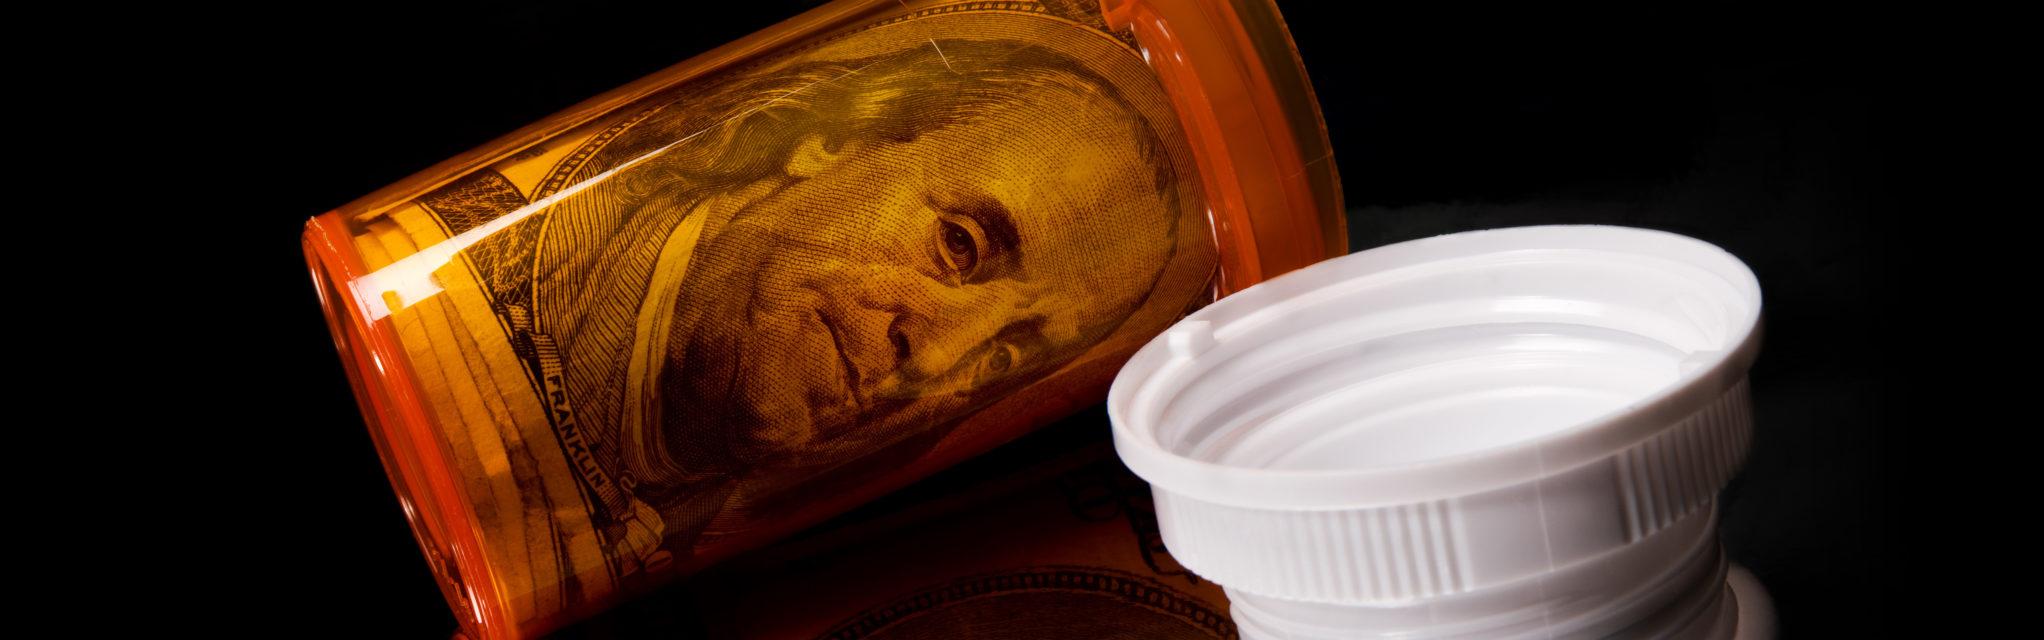 rêve américain - dollar dans boite de médicaments